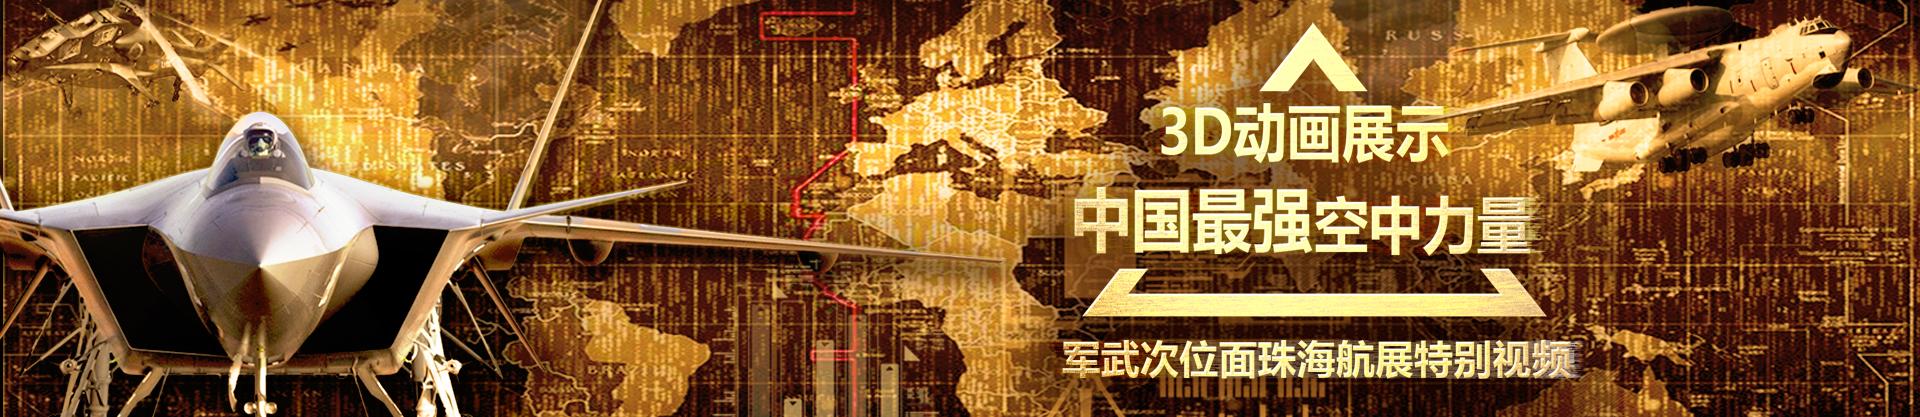 3D动画展示中国最强空军力量